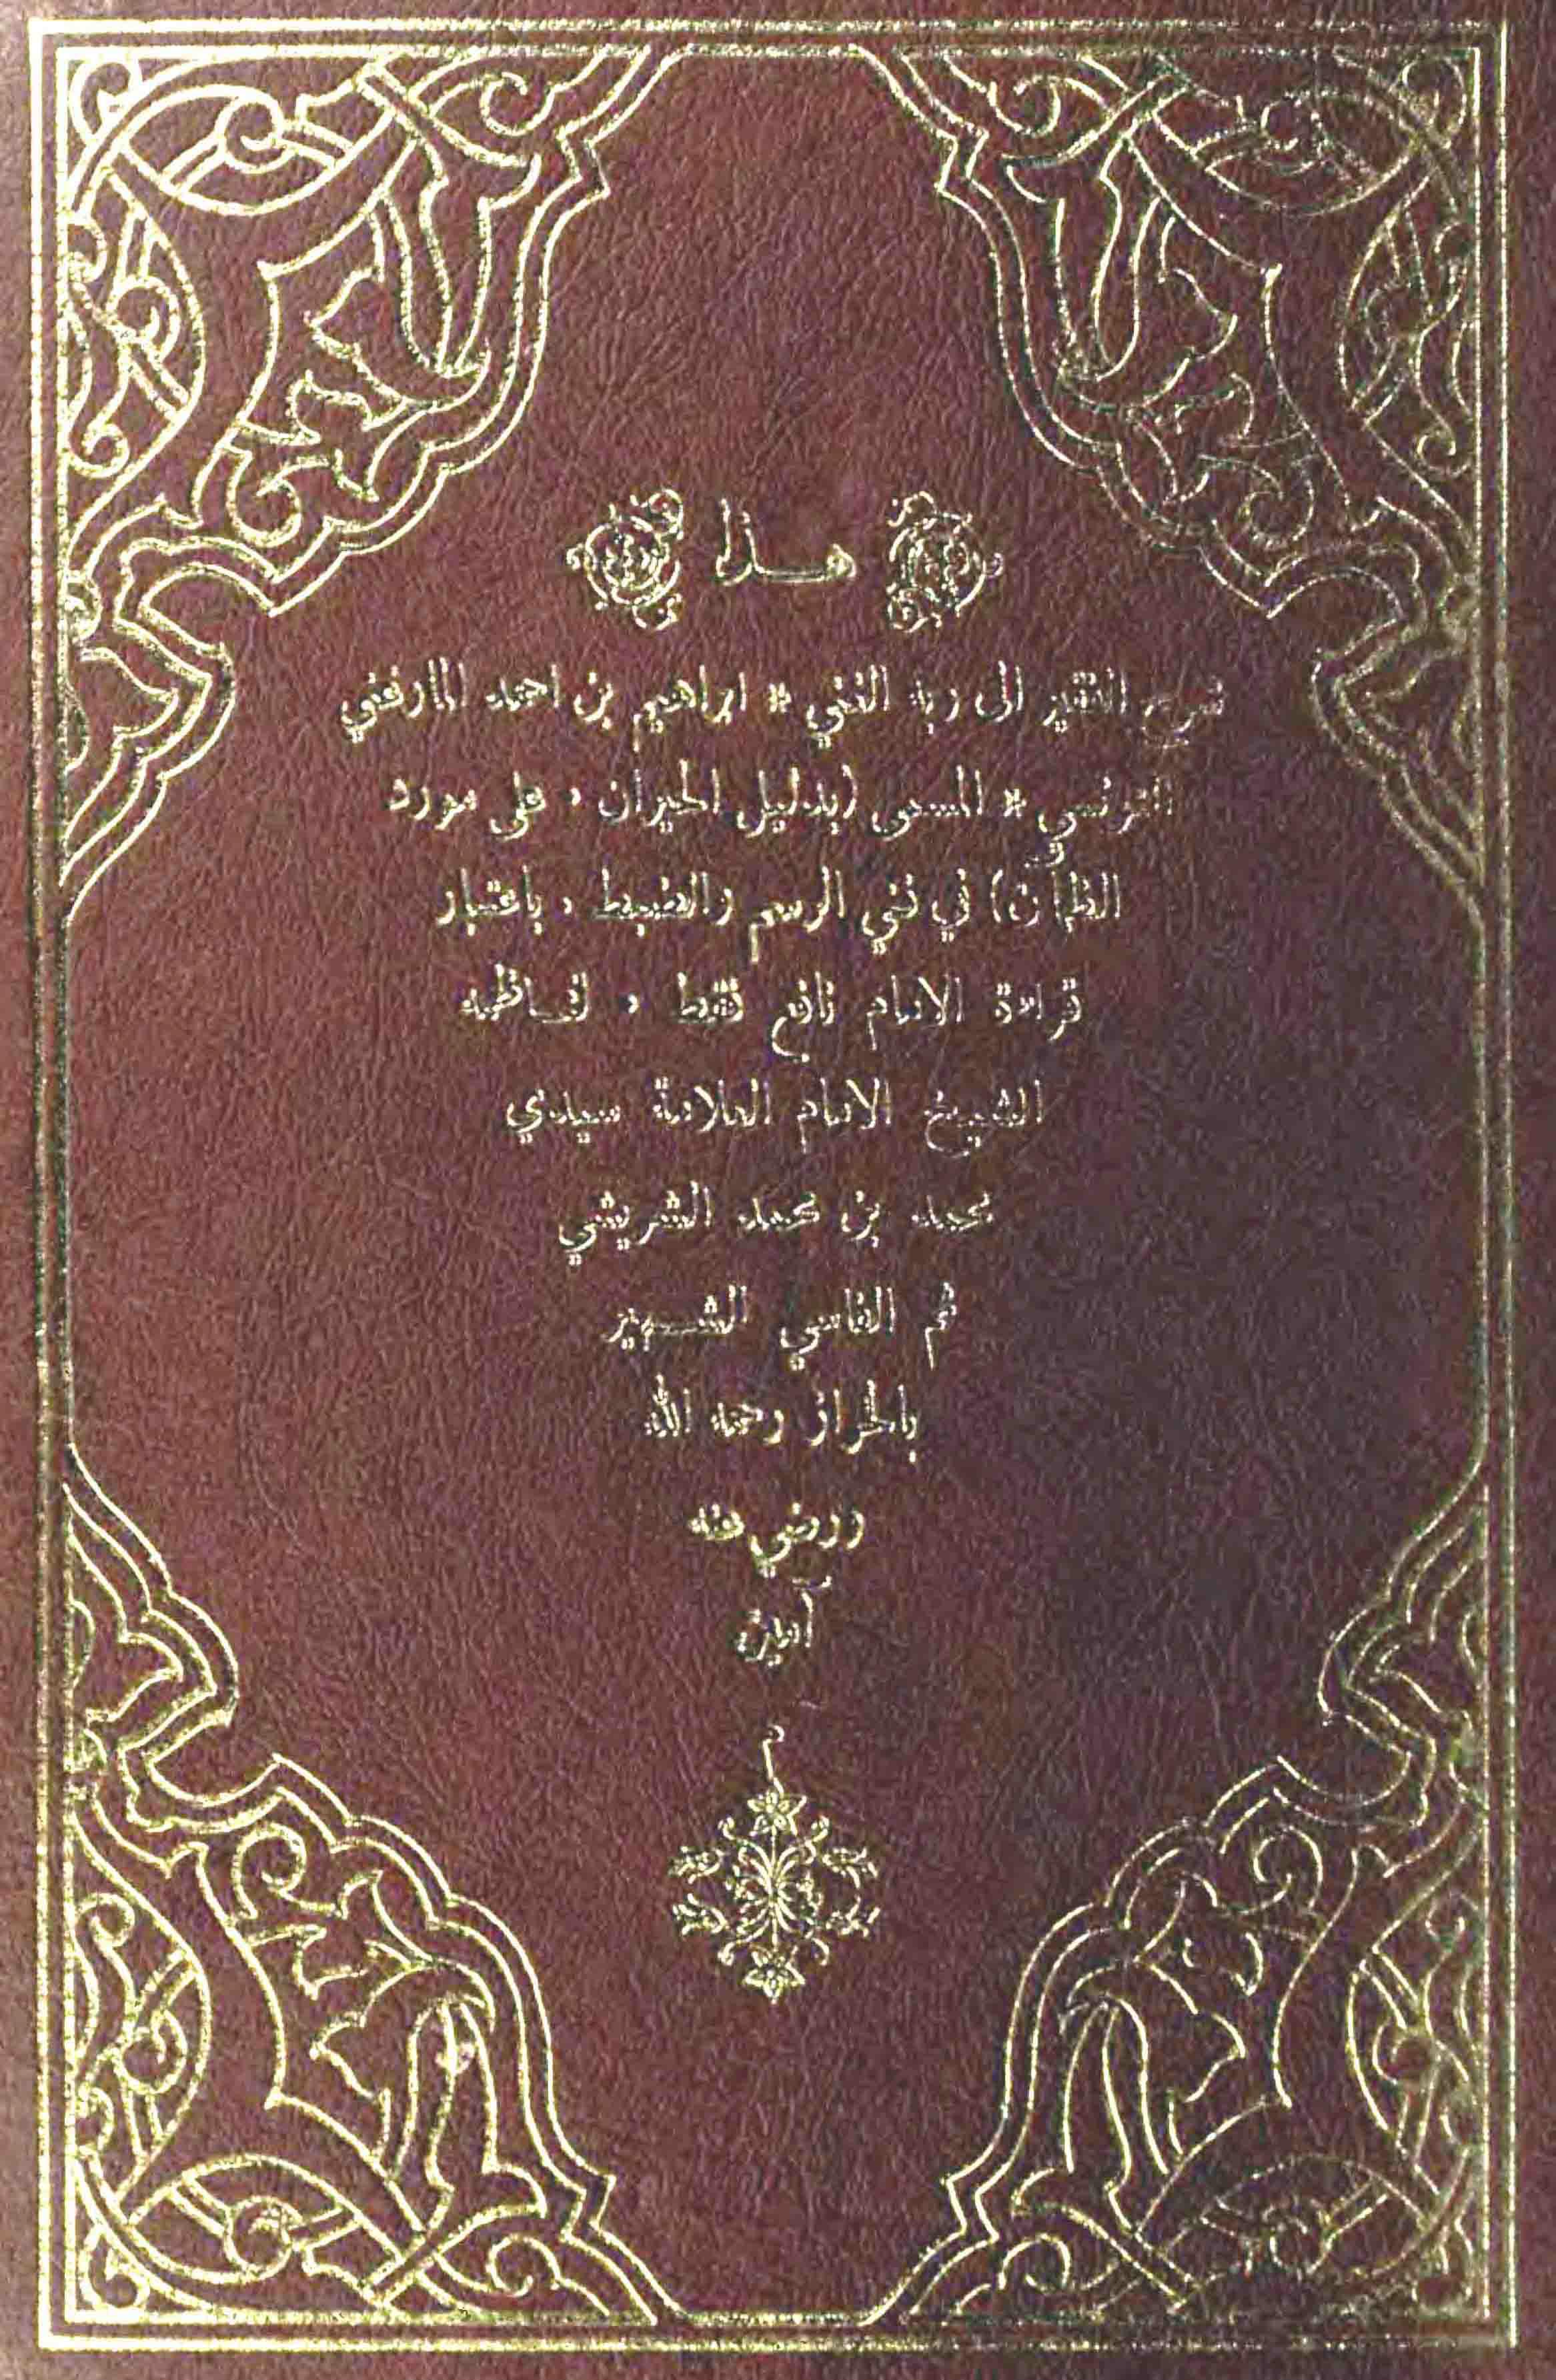 تحميل كتاب دليل الحيران على مورد الظمأن لـِ: الشيخ أبو إسحاق إبراهيم بن أحمد بن سليمان المارغني التونسي (ت 1349)